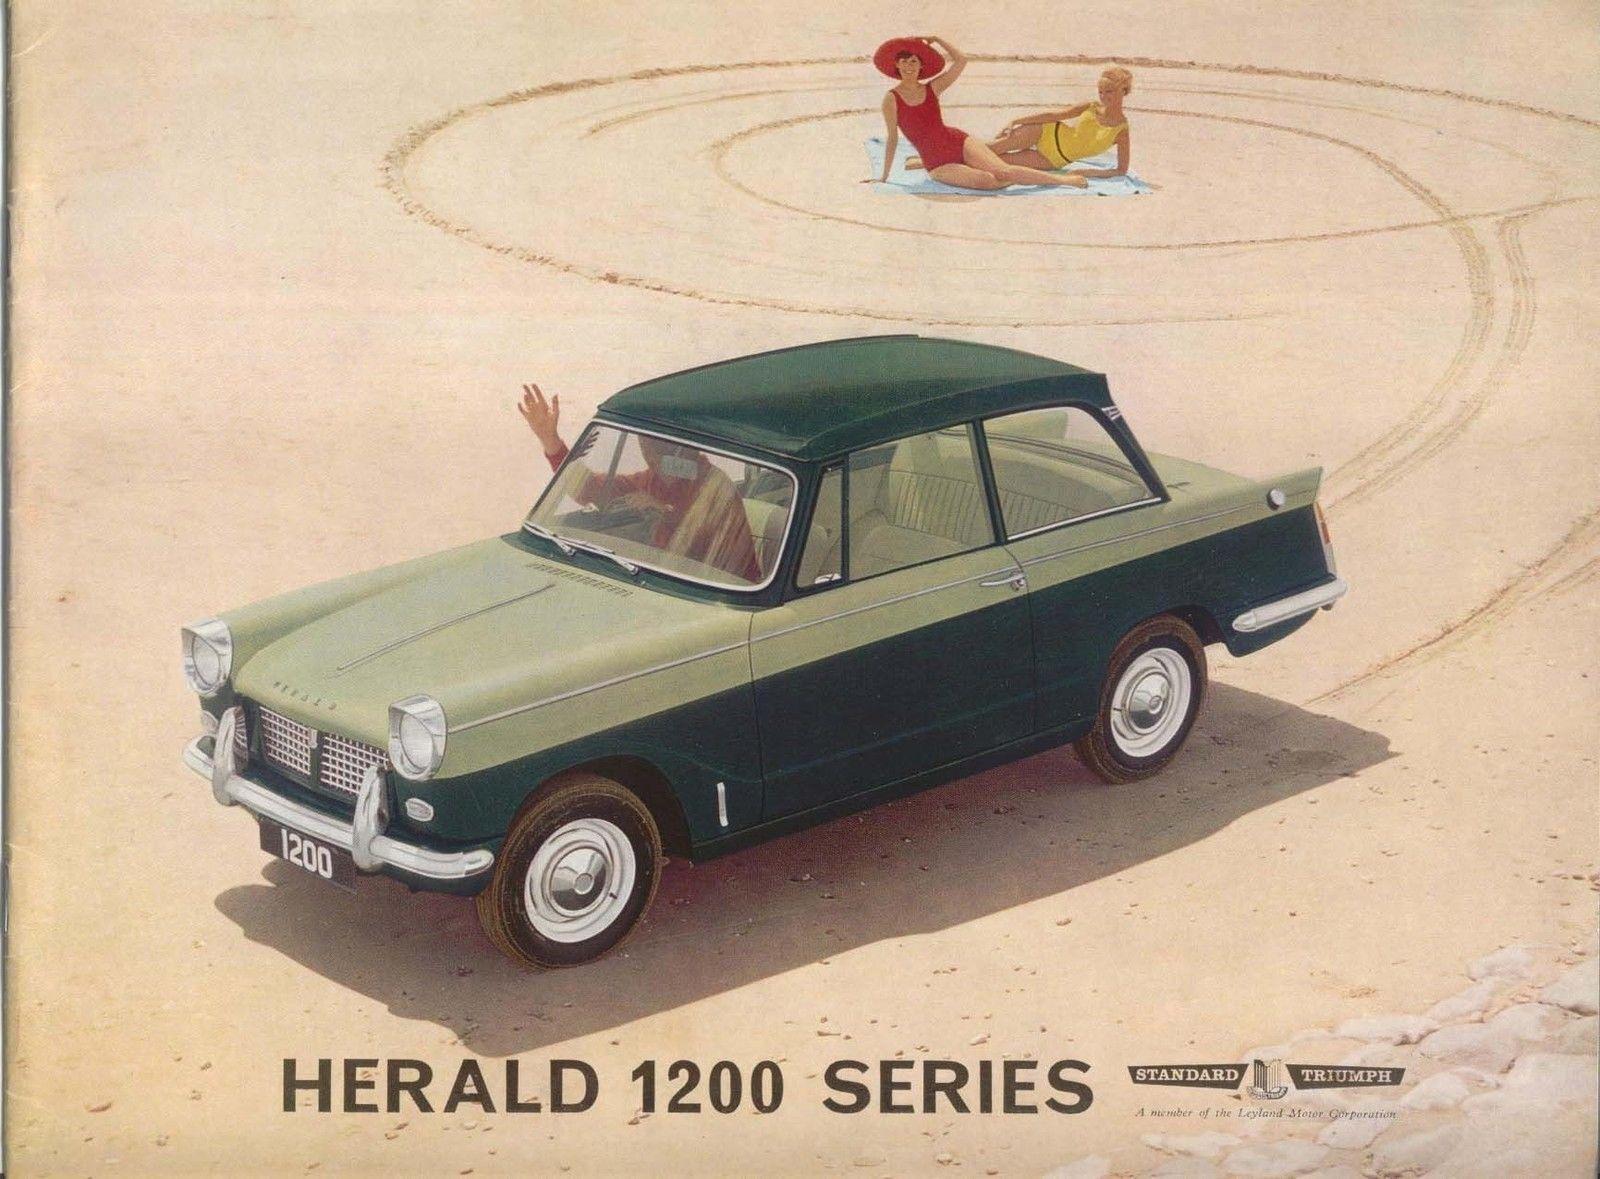 Details About Triumph Herald 1200 Series Original Uk Sales Brochure Pub No 342 9 63 Triumph Cars Classic Cars Triumph